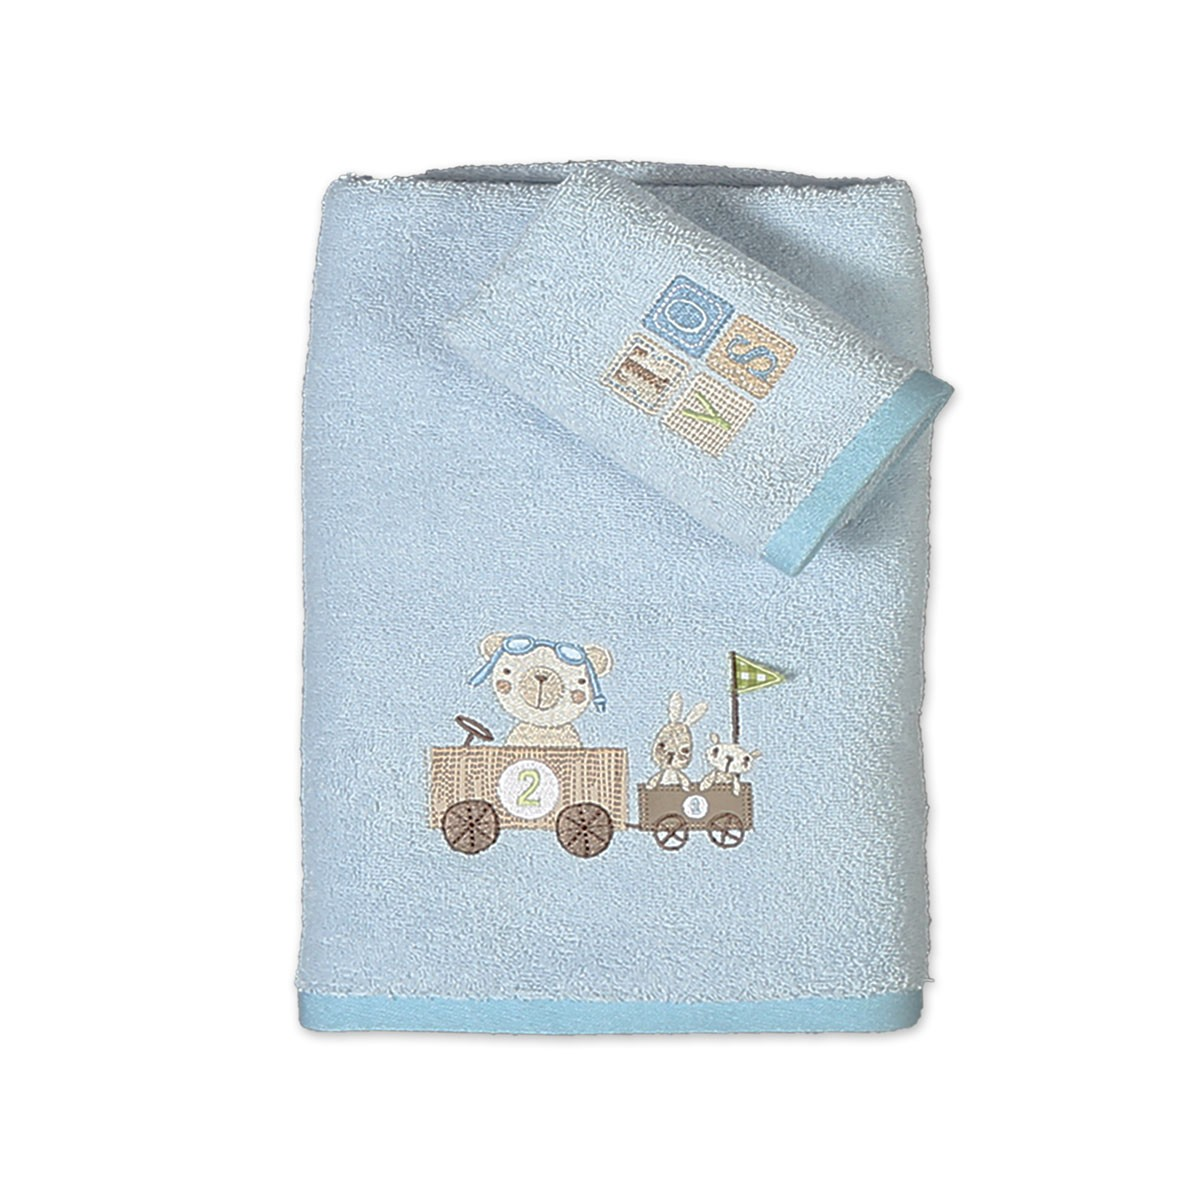 Βρεφικές Πετσέτες (Σετ 2τμχ) Nef-Nef Baby Play Now